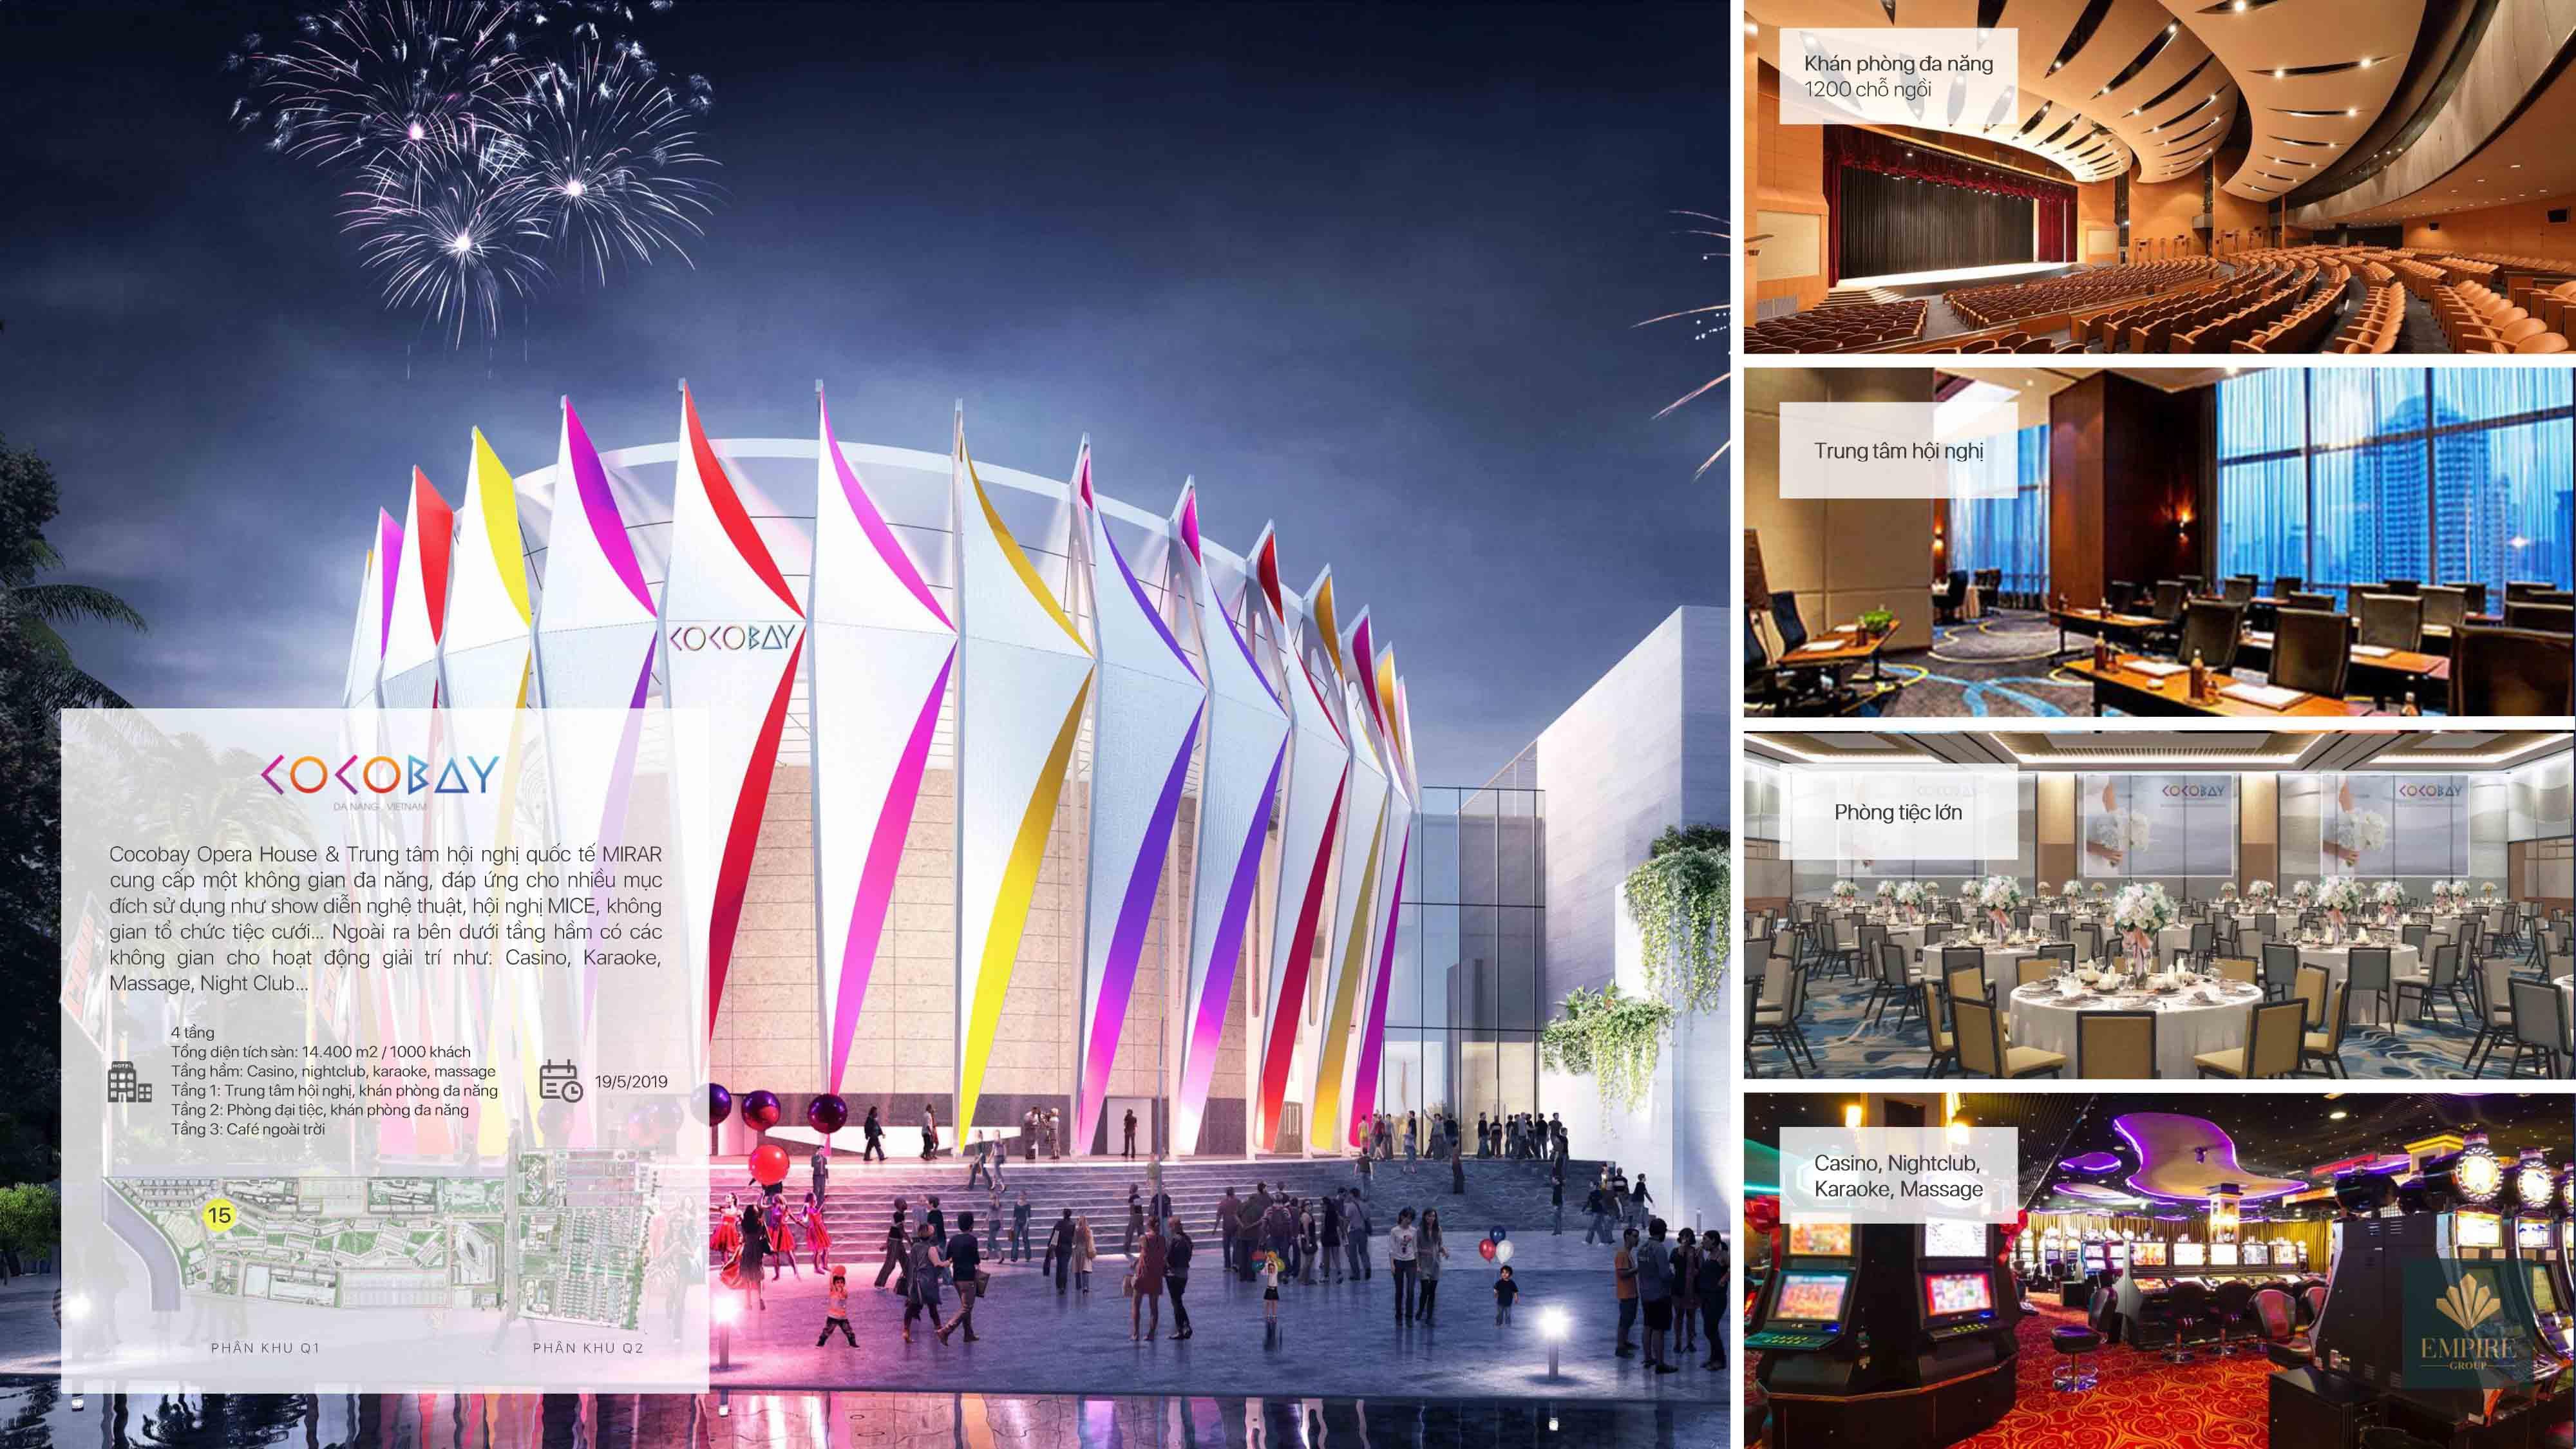 Chuỗi tiện ích đẳng cấp hội tụ từ những kinh đô giải trí Las Vegas, Pattaya ...